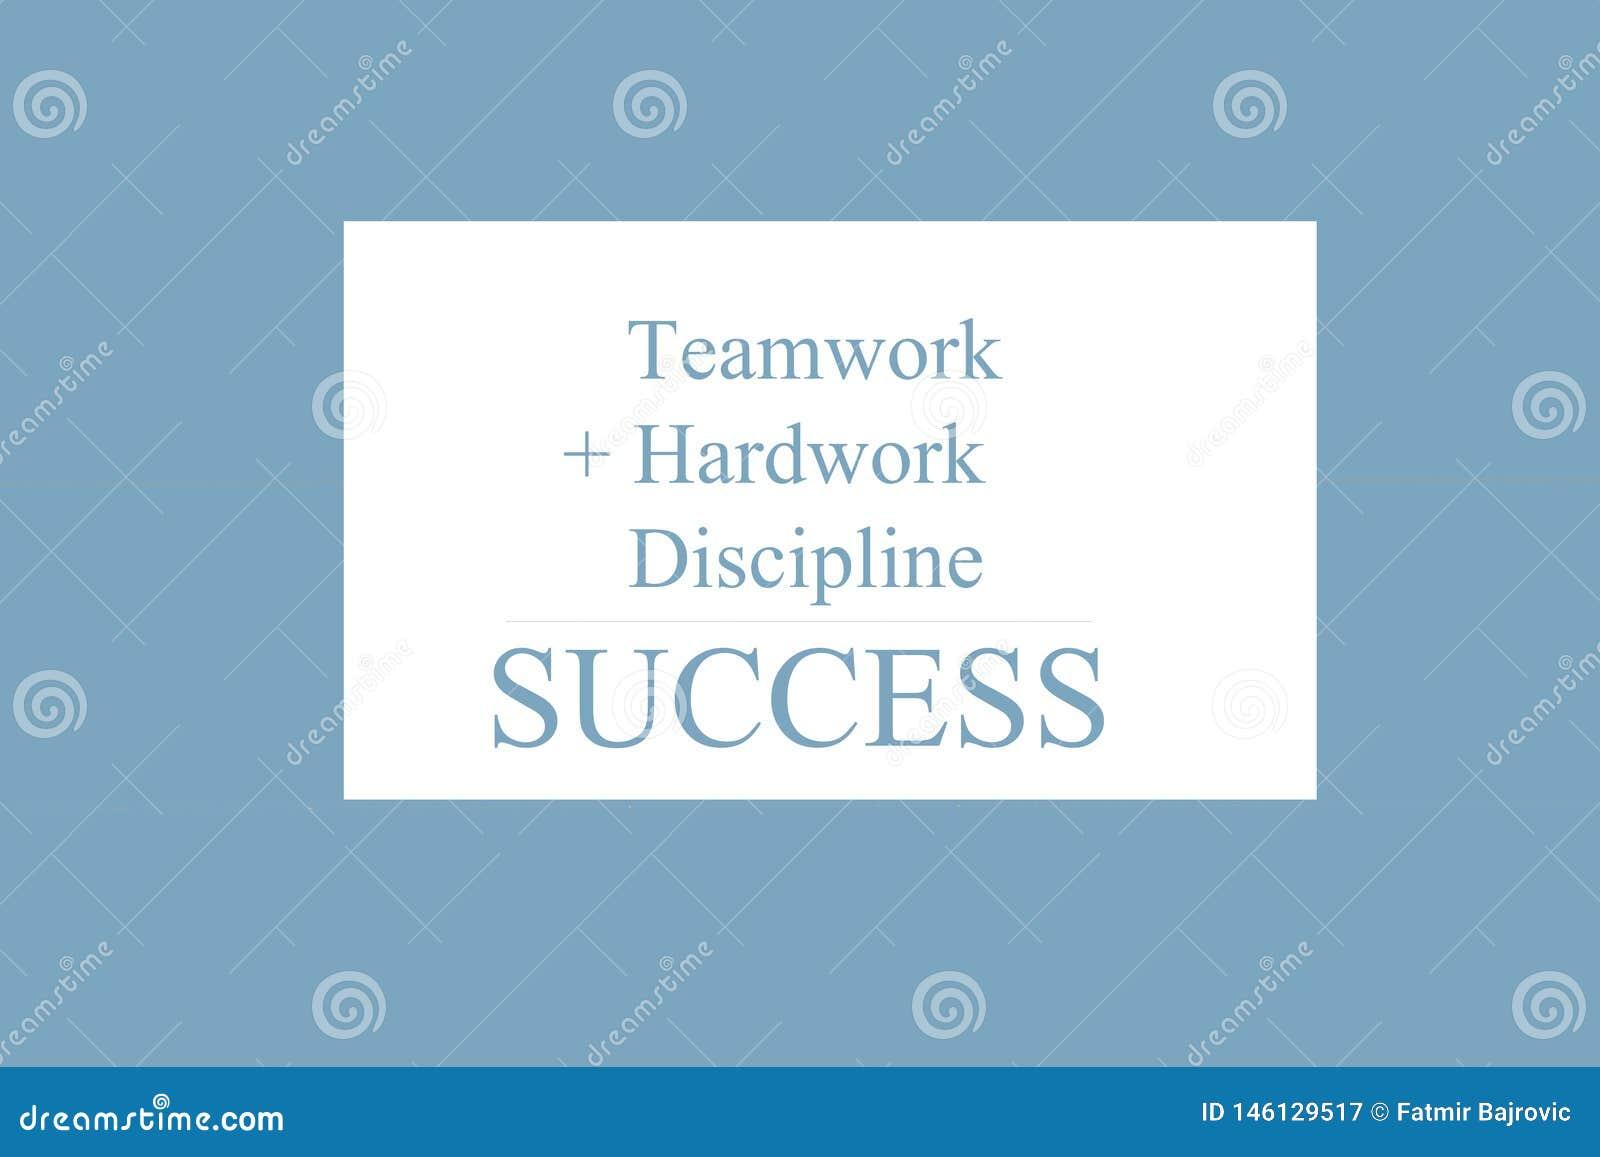 Signe des textes montrant le ?travail d ?quipe + le Hardwork + la discipline = le SUCC?S